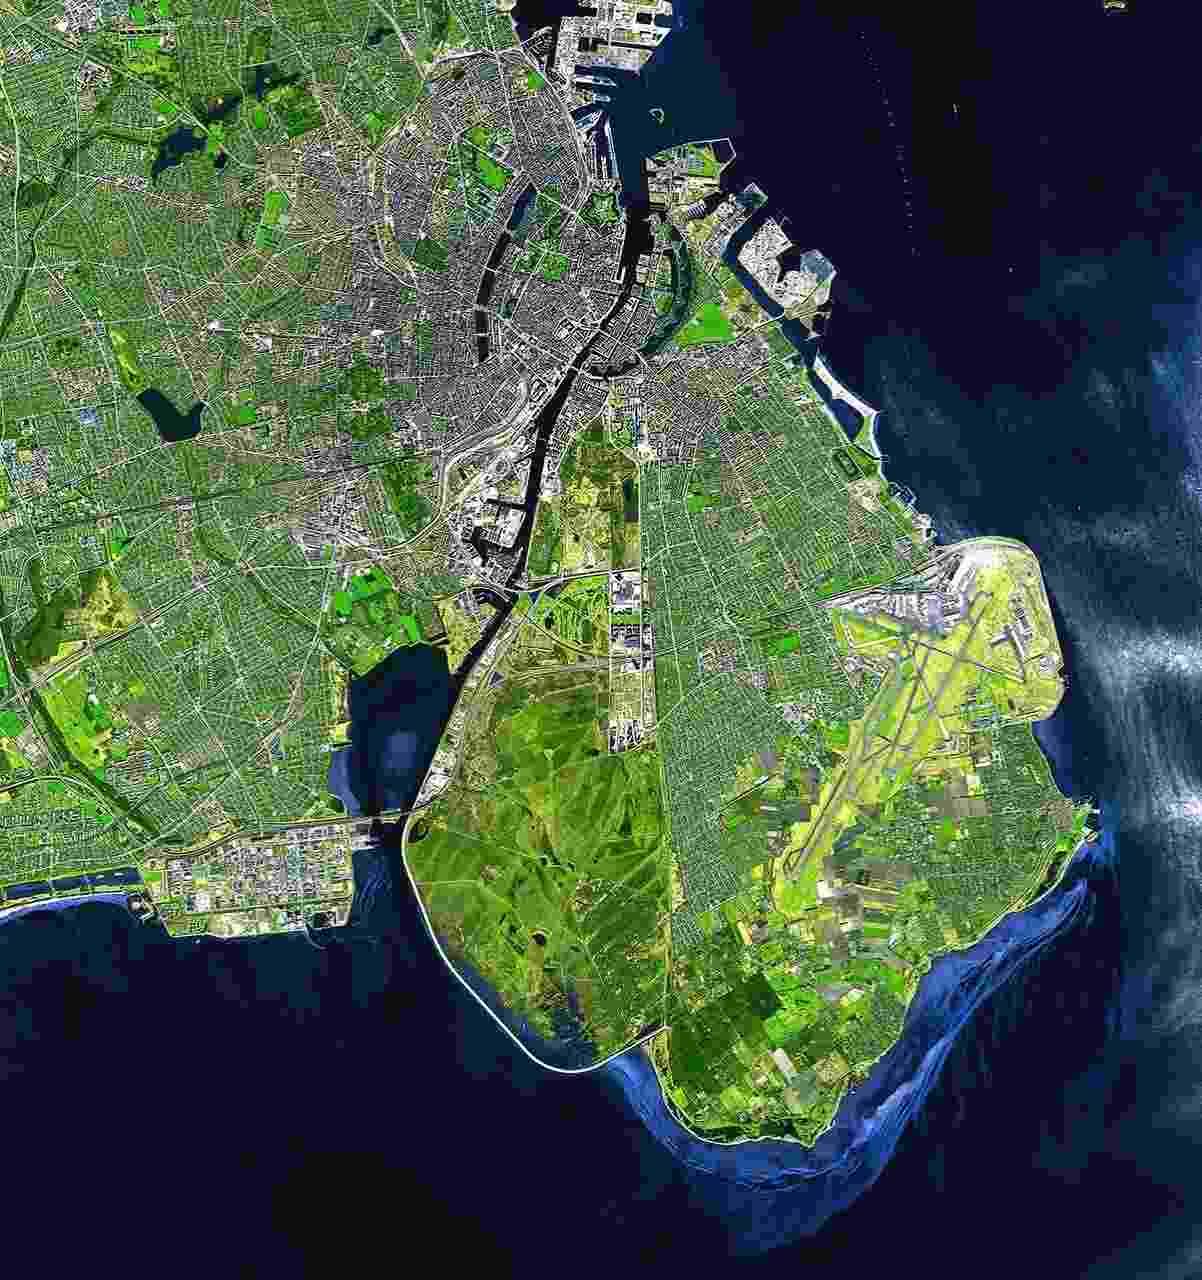 """22.abr.2014 - Para comemorar o Dia da Terra, neste 22 de abril, a Agência Espacial Europeia (ESA) divulgou esta foto de Copenhague. Como o tema do Dia da Terra neste ano é cidades verdes, a agência usou a capital da Dinamarca porque ela foi escolhida a Capital Verde da Europa, com exemplos de investimentos em tecnologia sustentável, políticas públicas voltadas para este assunto, além de um público educado para isso. """"A cidade dinamarquesa é um bom modelo em termos de planejamento urbano e design, e está trabalhando para tornar suas emissões de carbono neutras até 2025"""", disse a agência. O tema foi escolhido porque quanto mais e mais pessoas se mudam para cidades os riscos das mudanças climáticas ficam mais claras. Assim, é preciso incentivar o desenvolvimento de comunidades sustentáveis ao redor do mundo - Airbus Defence and Space"""